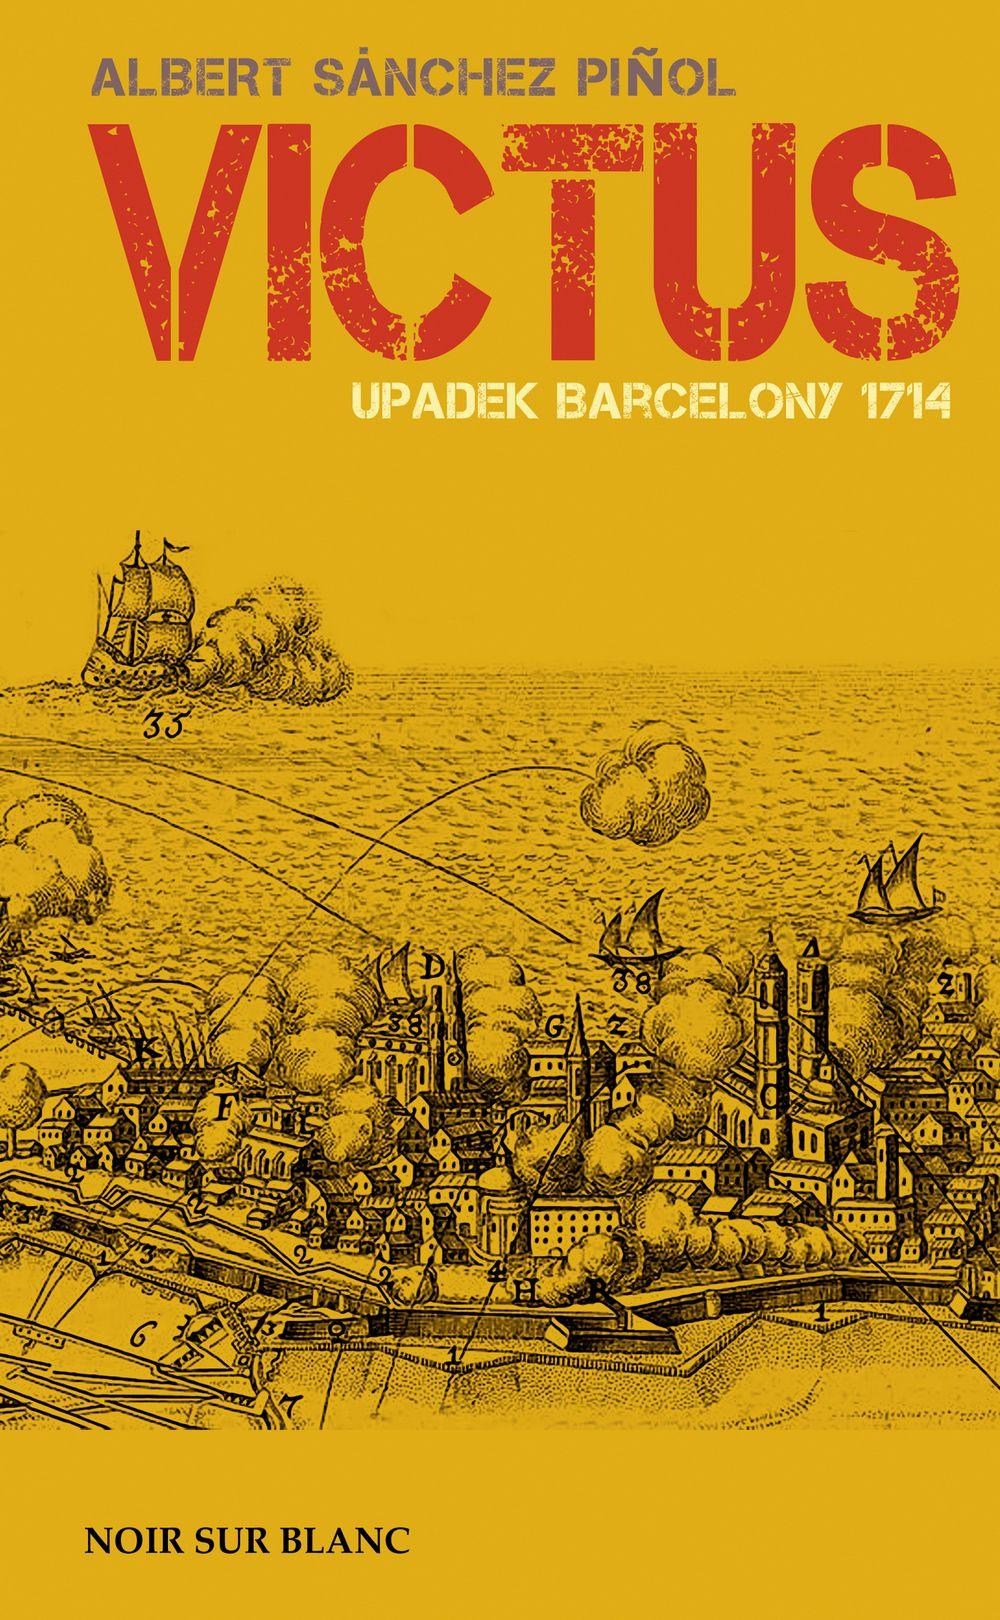 """Inspiracją do powstania tego artykułu stała się powieść Alberta Sáncheza Piñoli pod tytułem """" Victus. Upadek Barcelony 1714"""" (Oficyna Literacka Noir Sur Blanc 2018)."""